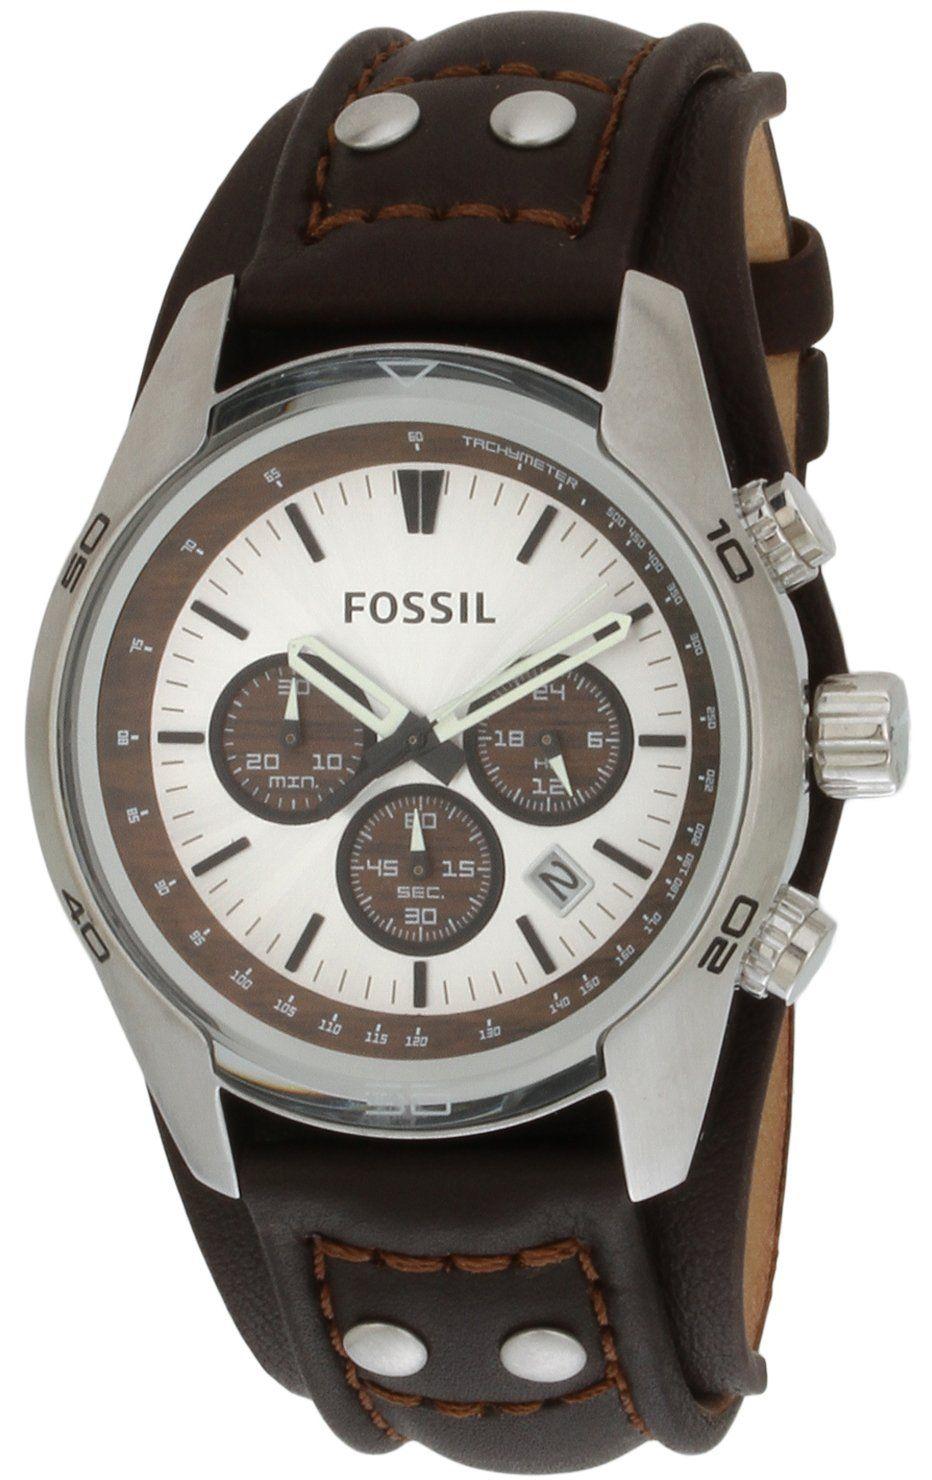 f73f9de6c Fossil CH2565 - Reloj analógico de cuarzo para hombre con correa de piel,  color marrón: Fossil: Amazon.es: Relojes